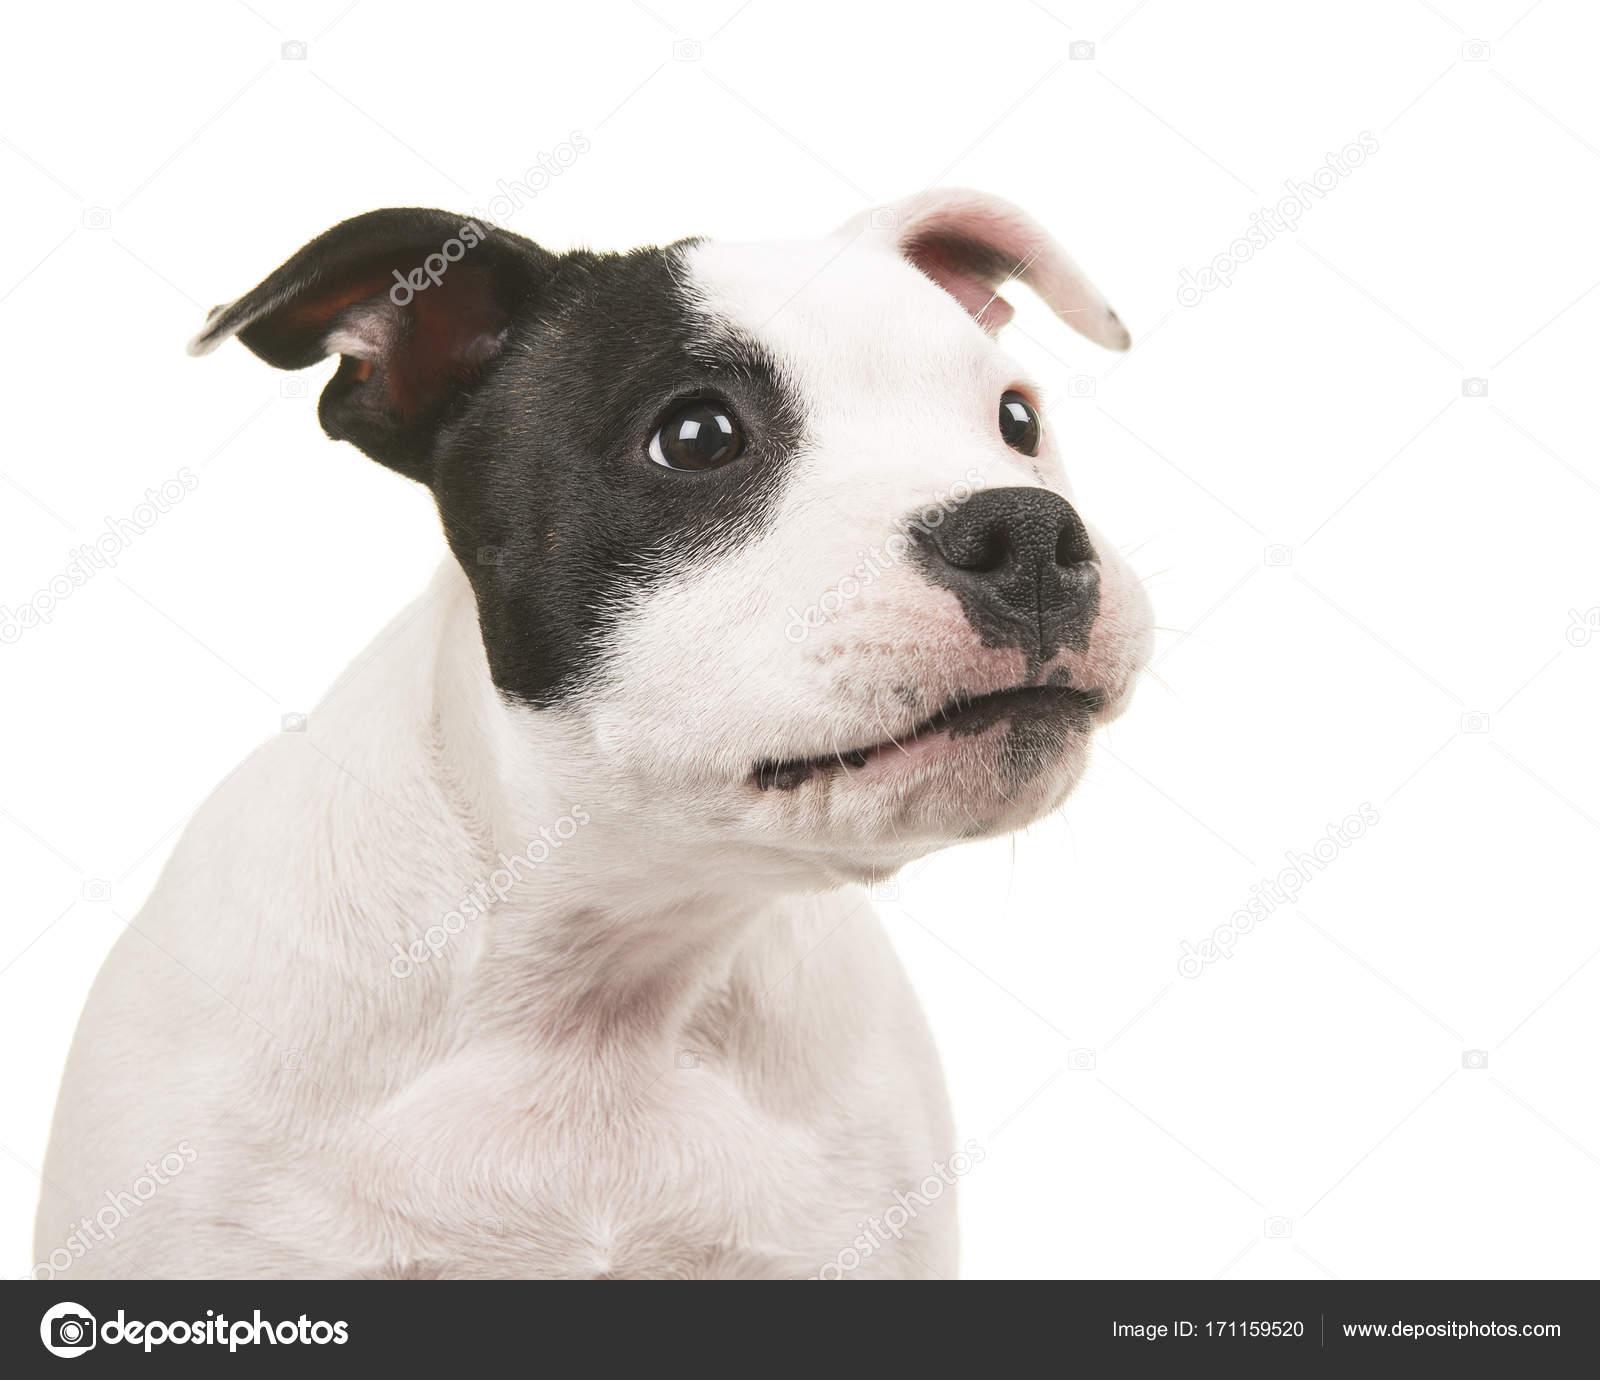 Ritratto di un cucciolo di pitbull terrier bianco e nero buffo guardando a  destra su sfondo bianco \u2014 Foto di Miraswonderland